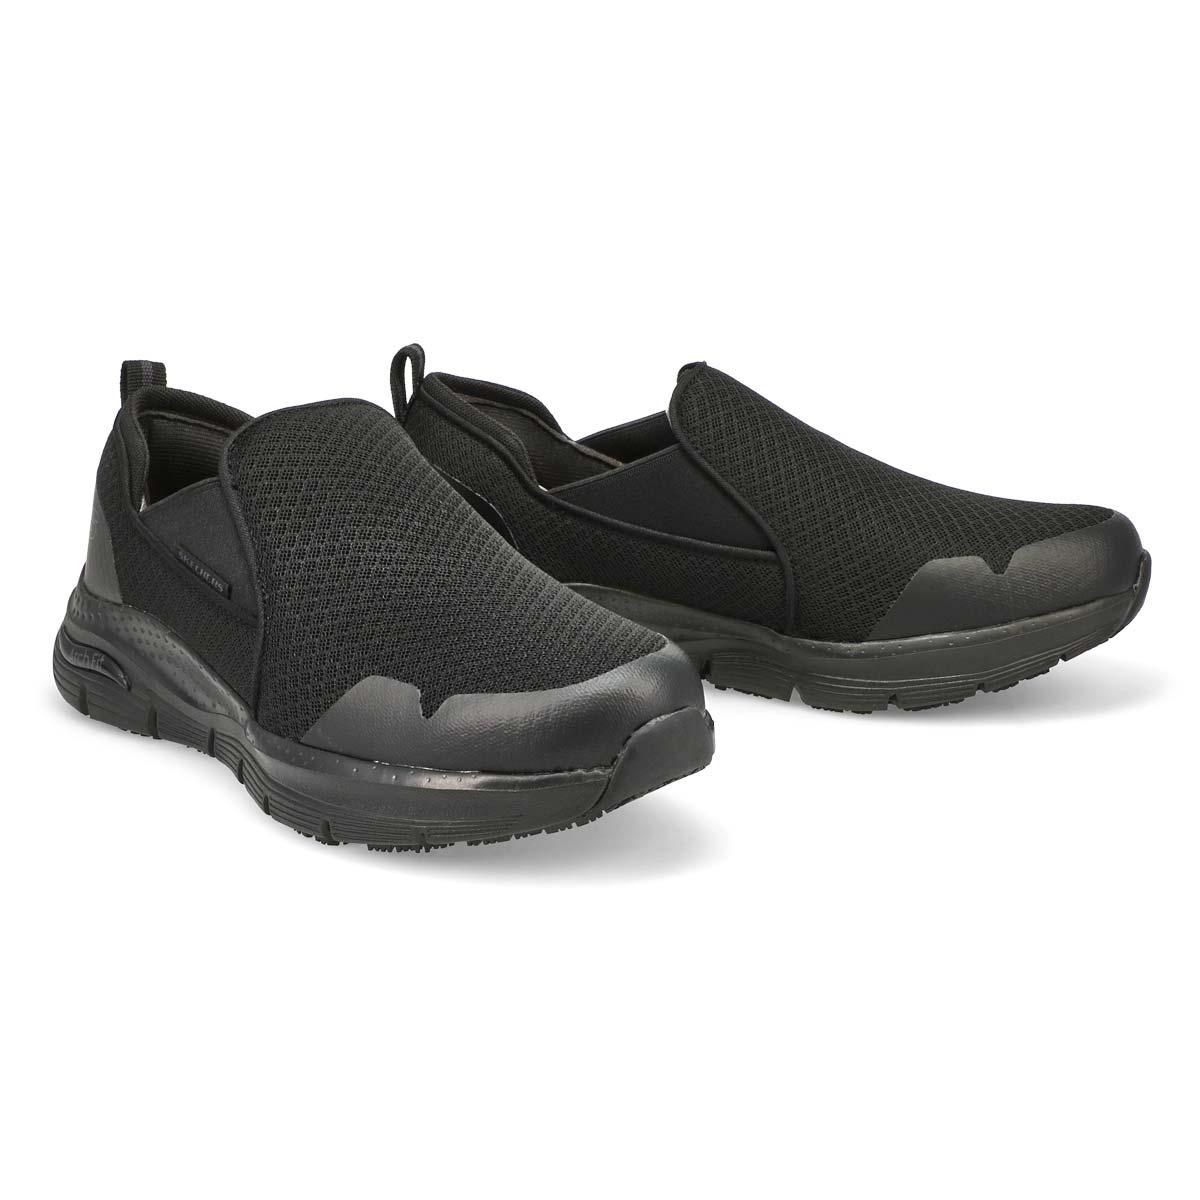 Men's Arch Fit Sr Tineid Sneaker - Black